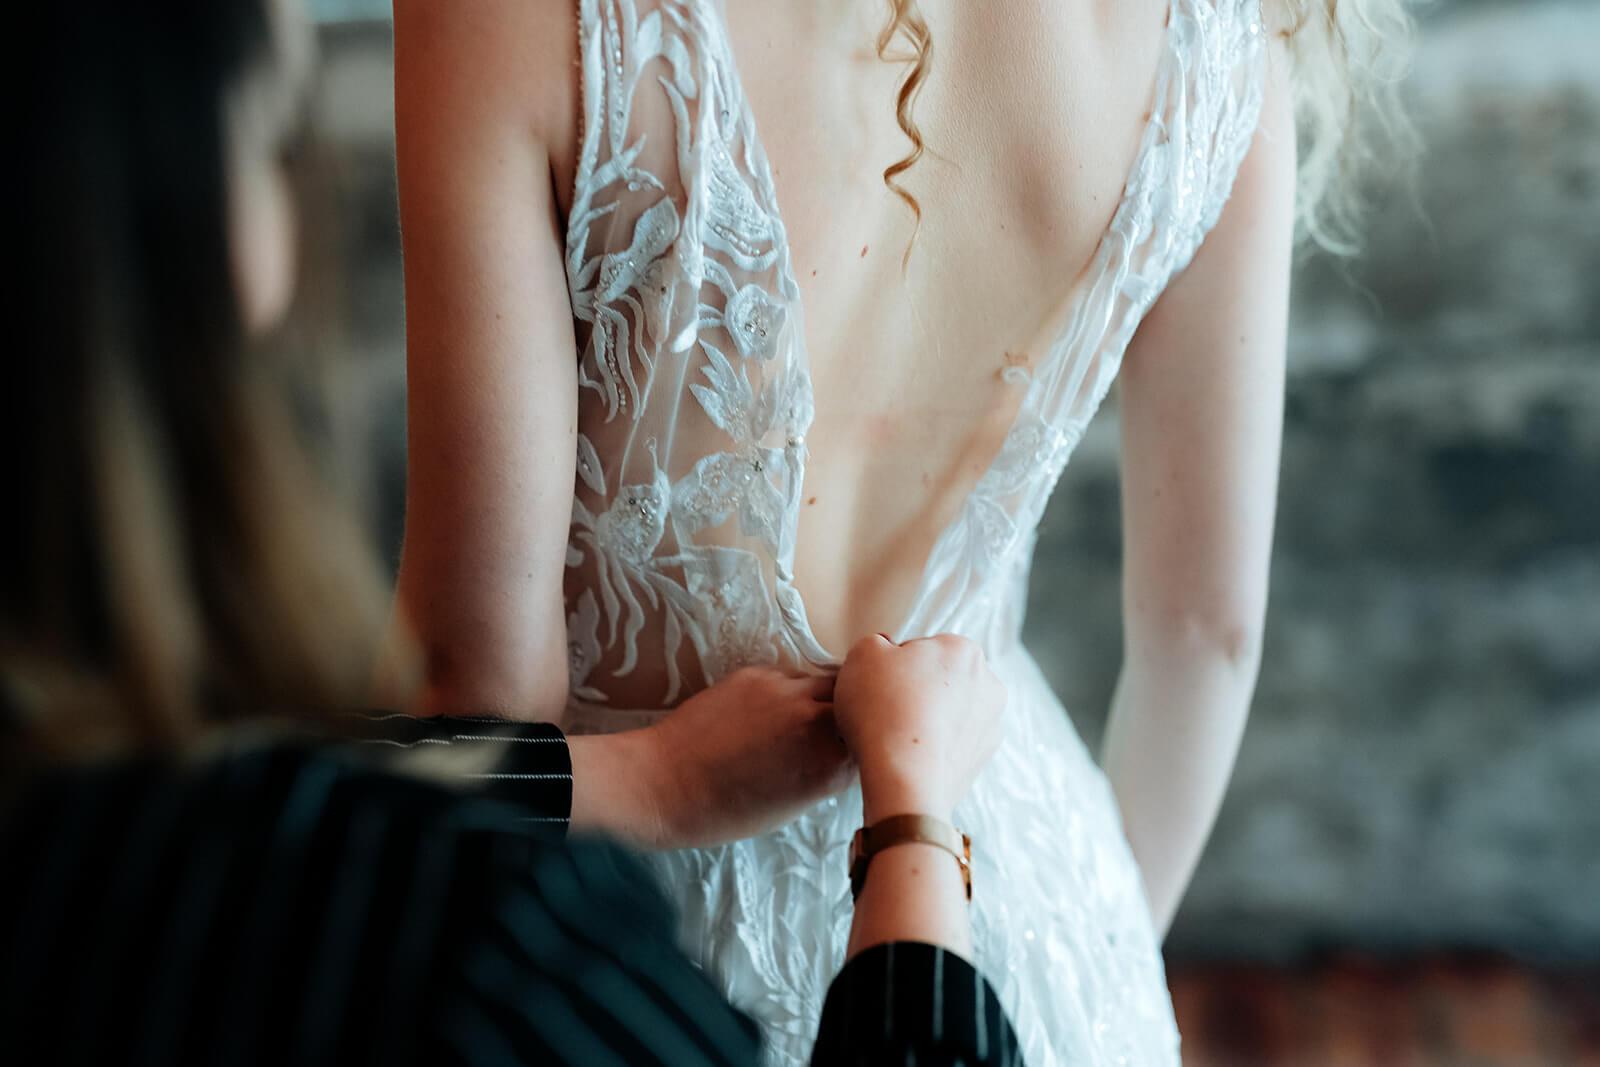 Hochzeitsplanerin hilft Braut ihr Kleid anzuziehen